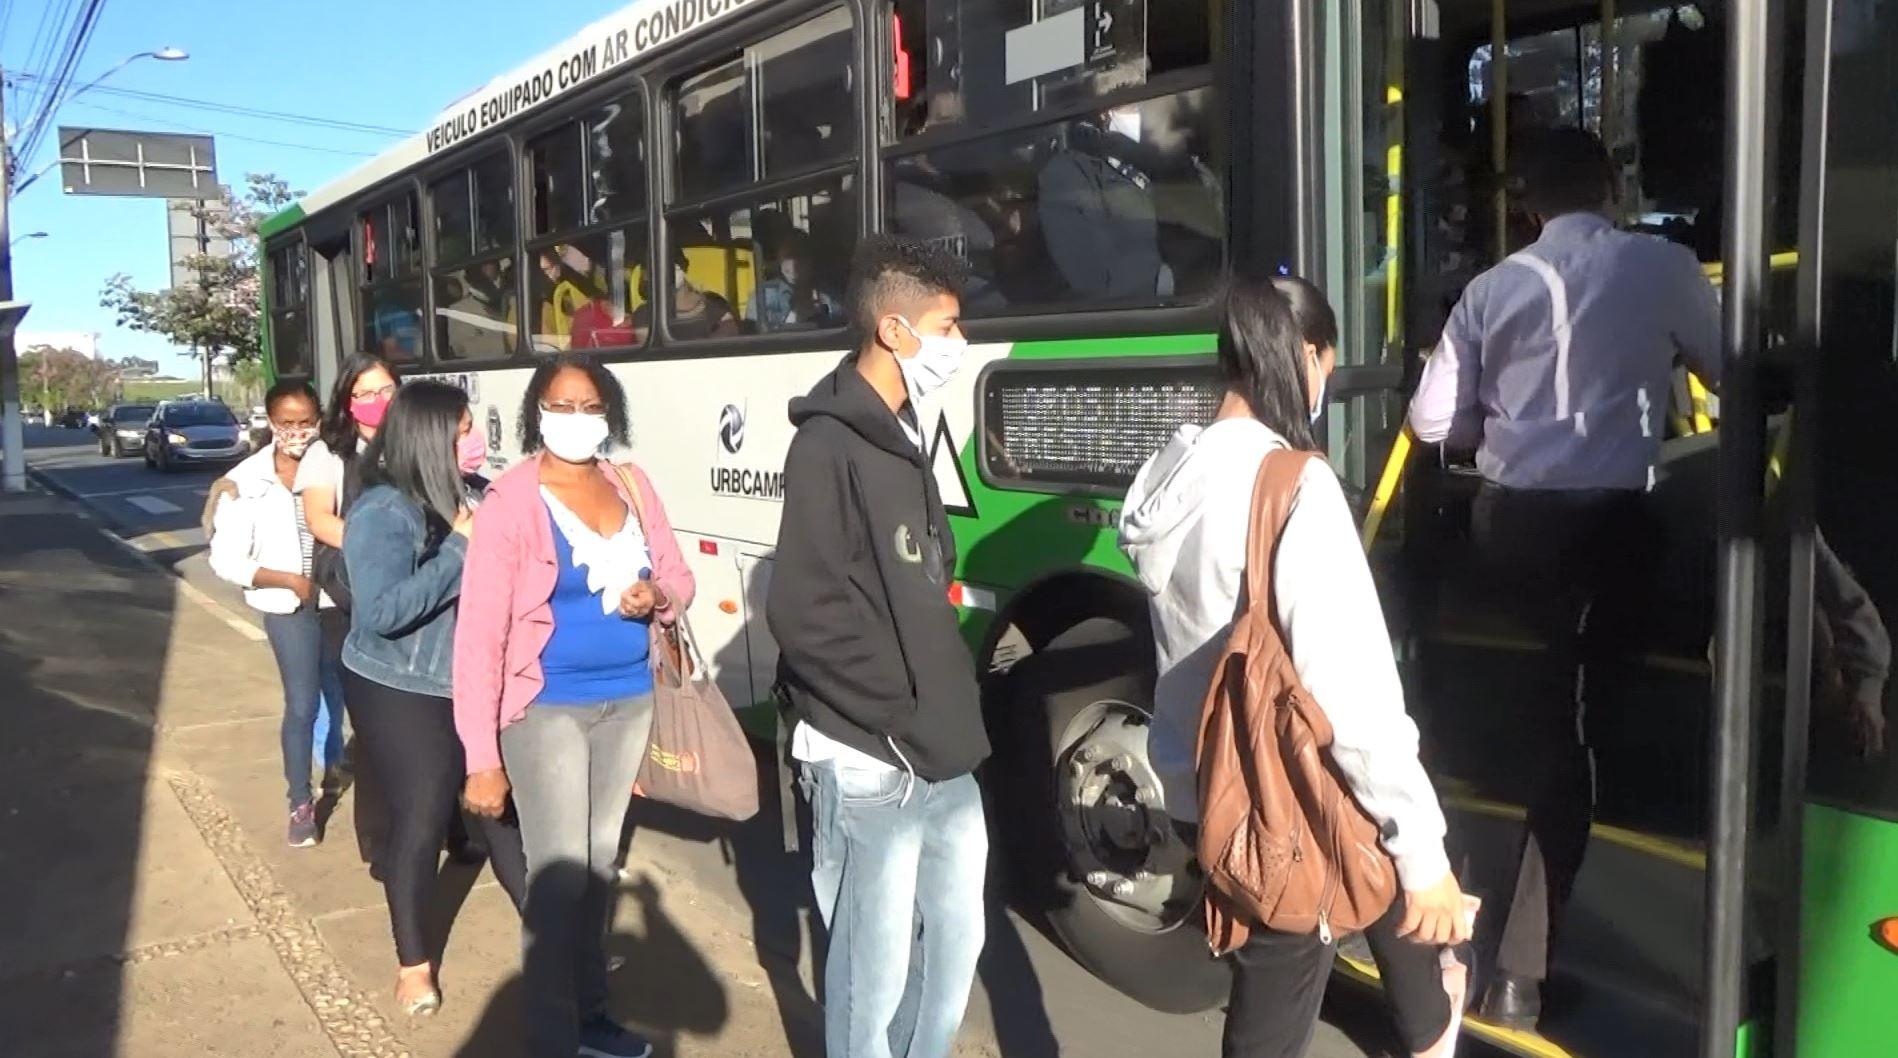 Campinas estuda acordo emergencial a 2 meses para fim de contrato do transporte público